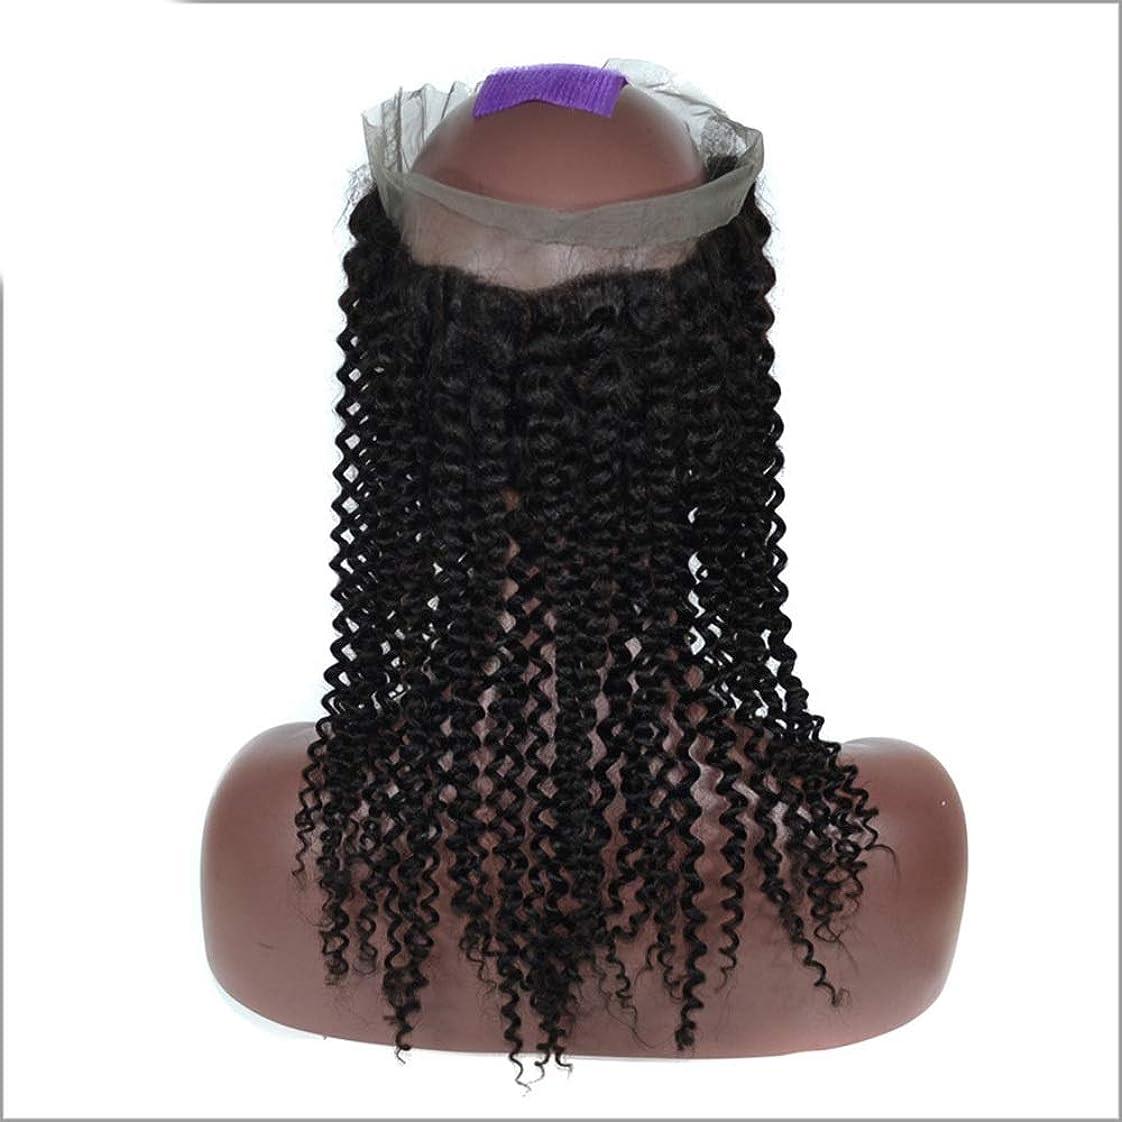 娘セットアップ成熟したYrattary 女性3/4ウィッグハーフ - 変態カールウェーブ - ナチュラルカラー 本物の人間の髪の毛 - クリップのヘアピースエクステンションパーティーかつら (Color : ブラック, サイズ : 20 inch)